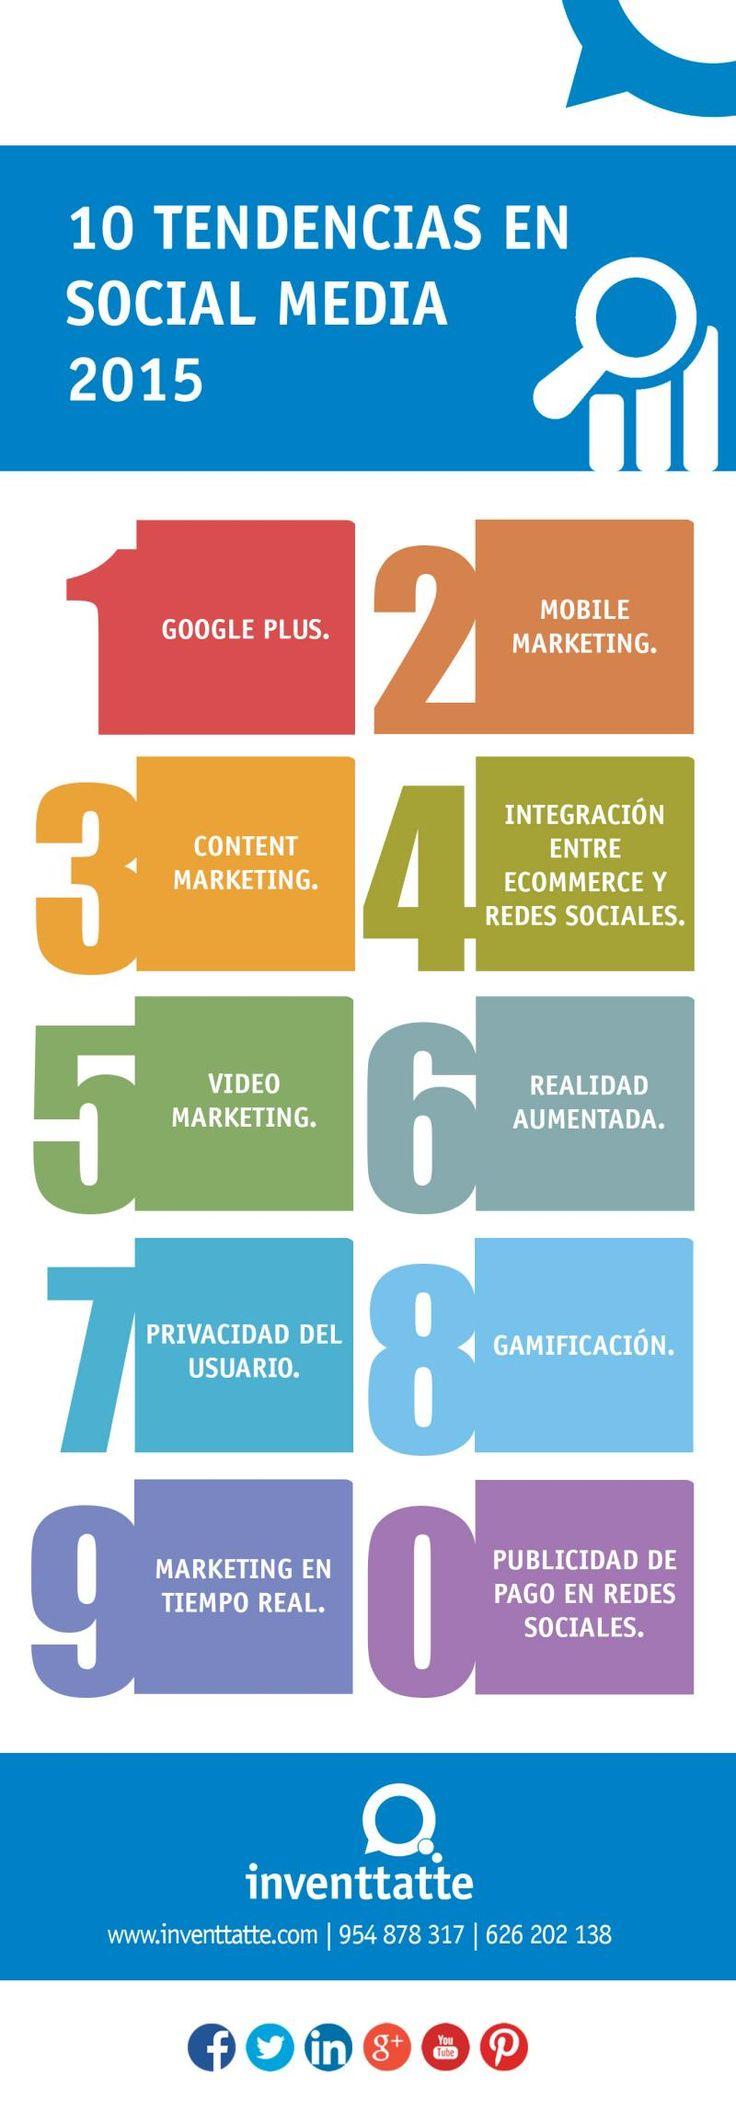 Una interesante infografía en español que nos presenta las diez tendencias en Social Media para el próximo año 2015.